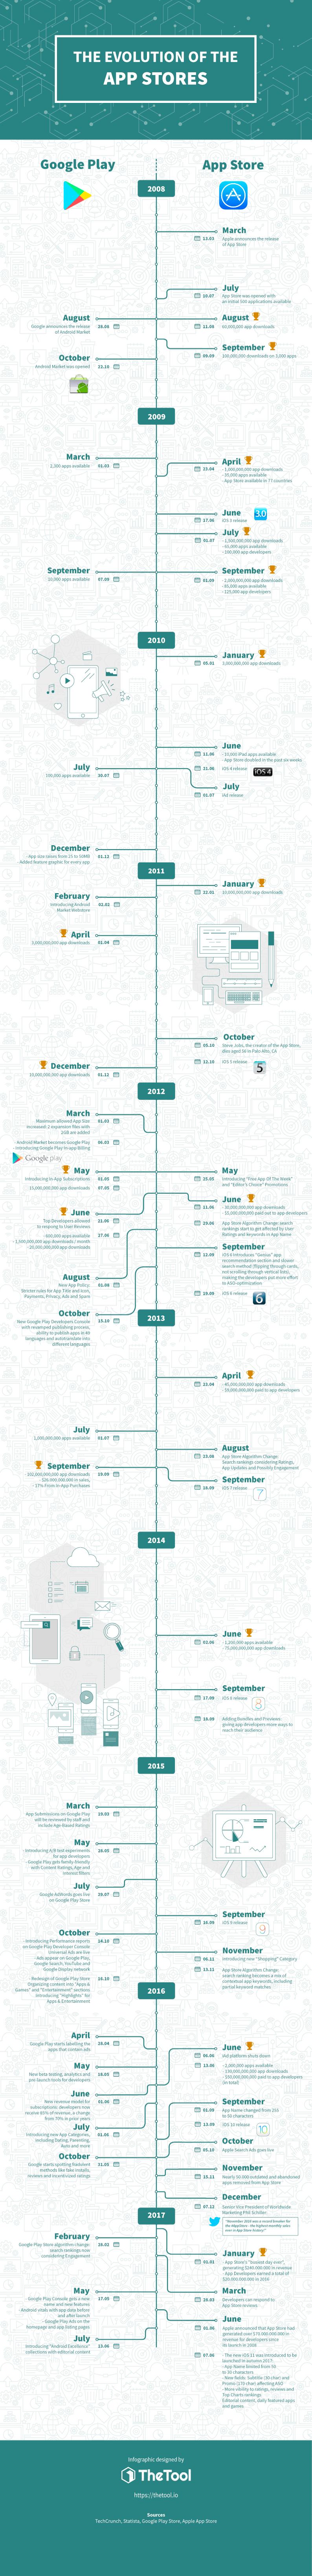 Infografía: La evolución de Google Play y la App Store